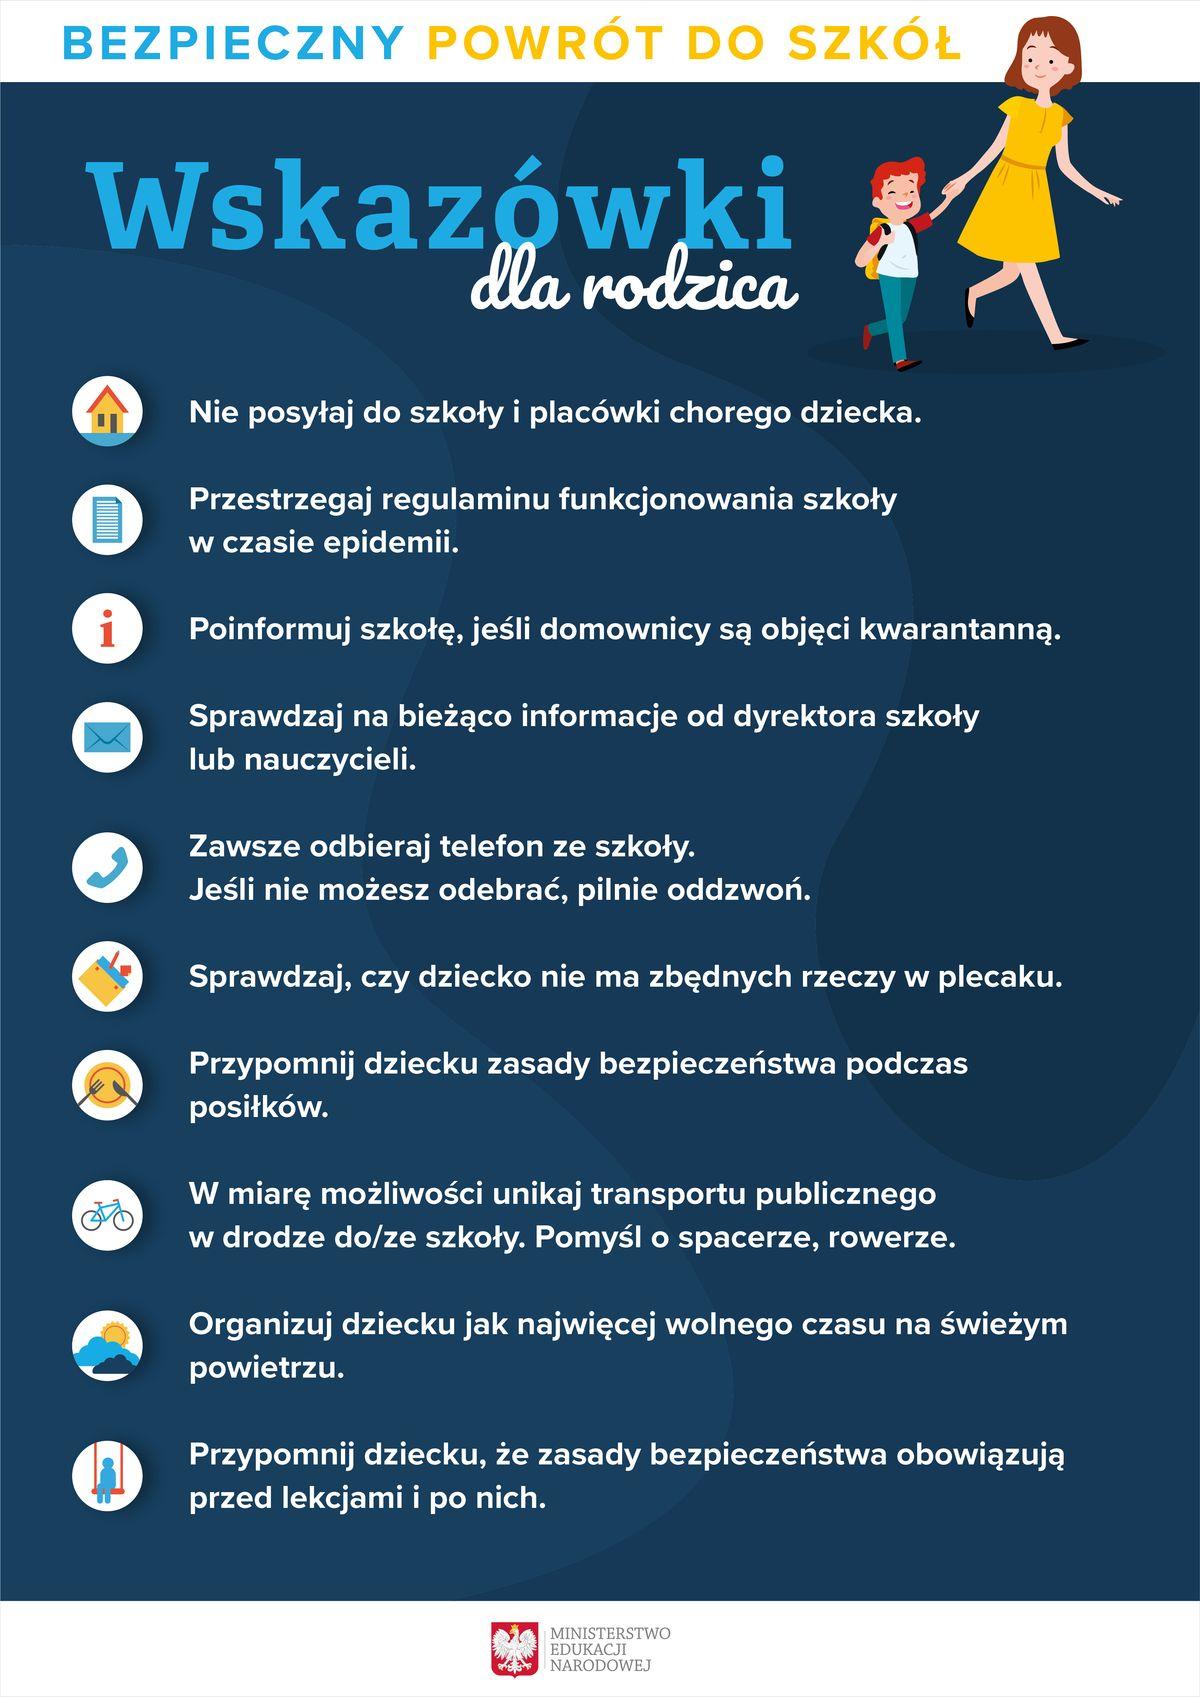 Bezpieczny powrót doszkoły: Wskazówki dla rodziców